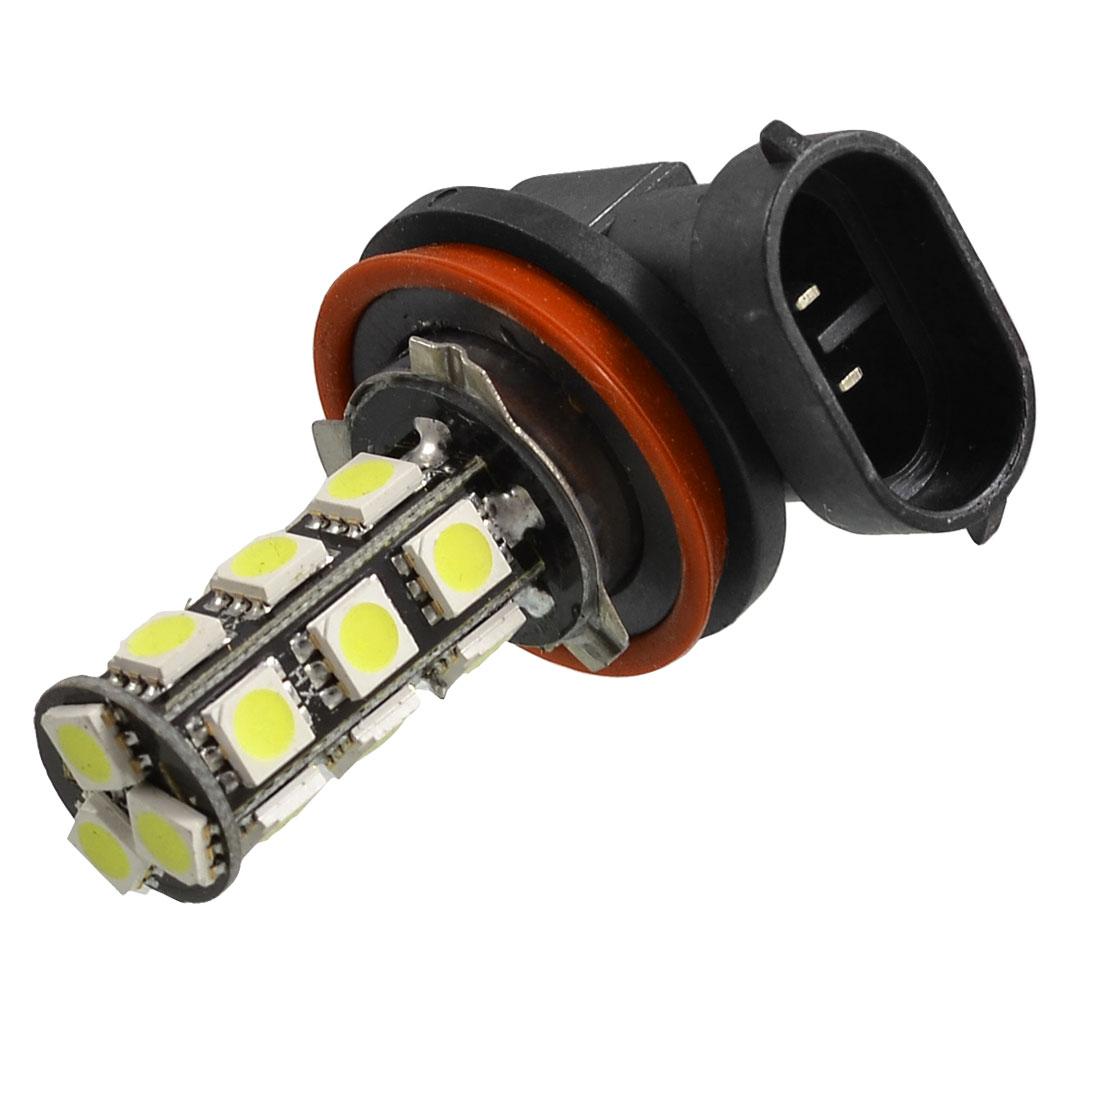 Car Vehicles H11 18 5050 SMD LED White Fog Head Light Bulb Lamp 12V